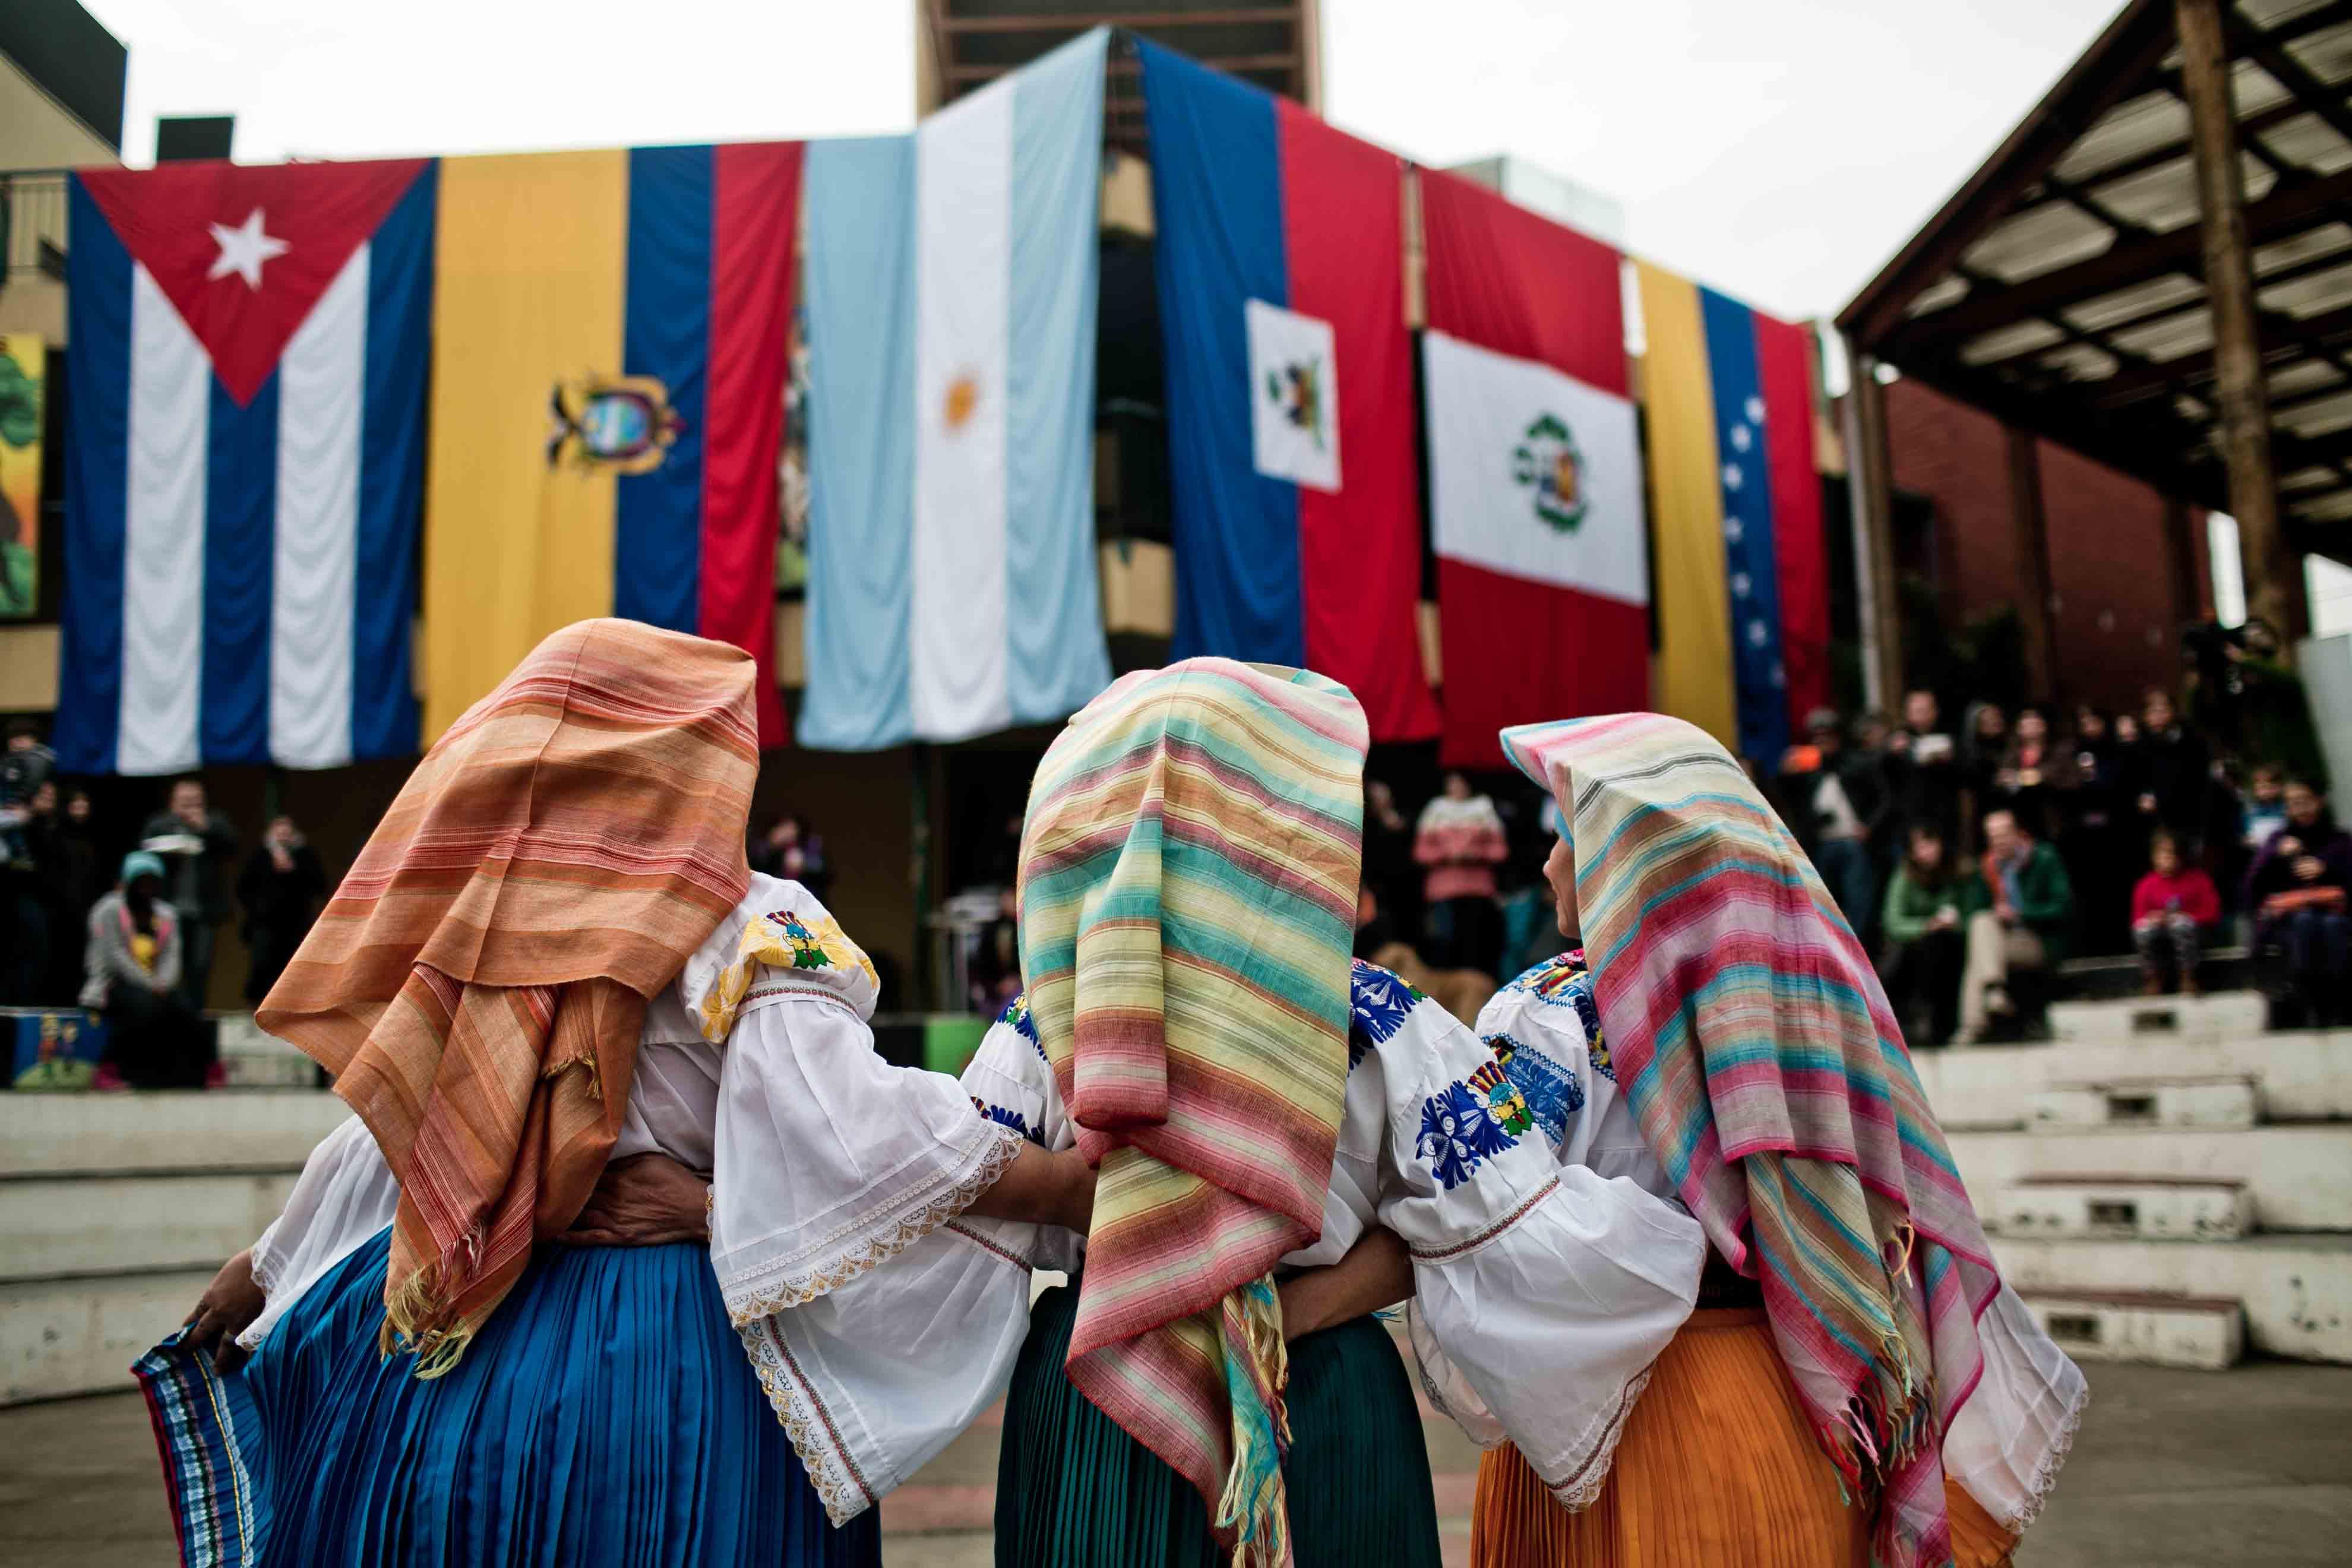 EL PASADO DOMINGO 22 DE JUNIO SE CELEBRÓ EL DÍA DEL REFUGIADO EN EL CENTRO CULTURAL DE LA COMUNA DE QUILICURA.